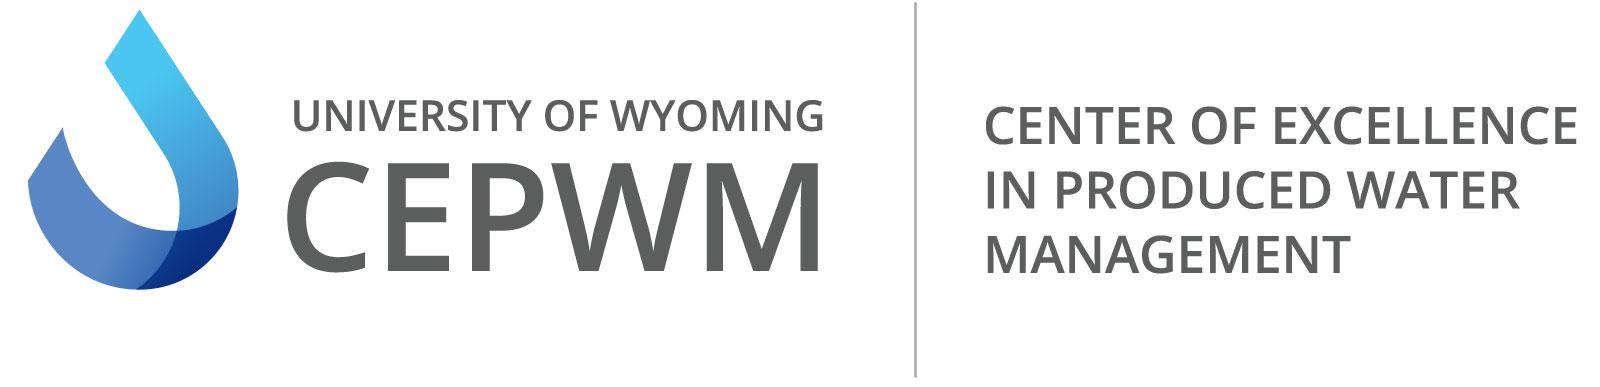 CEPWM_logo.jpg